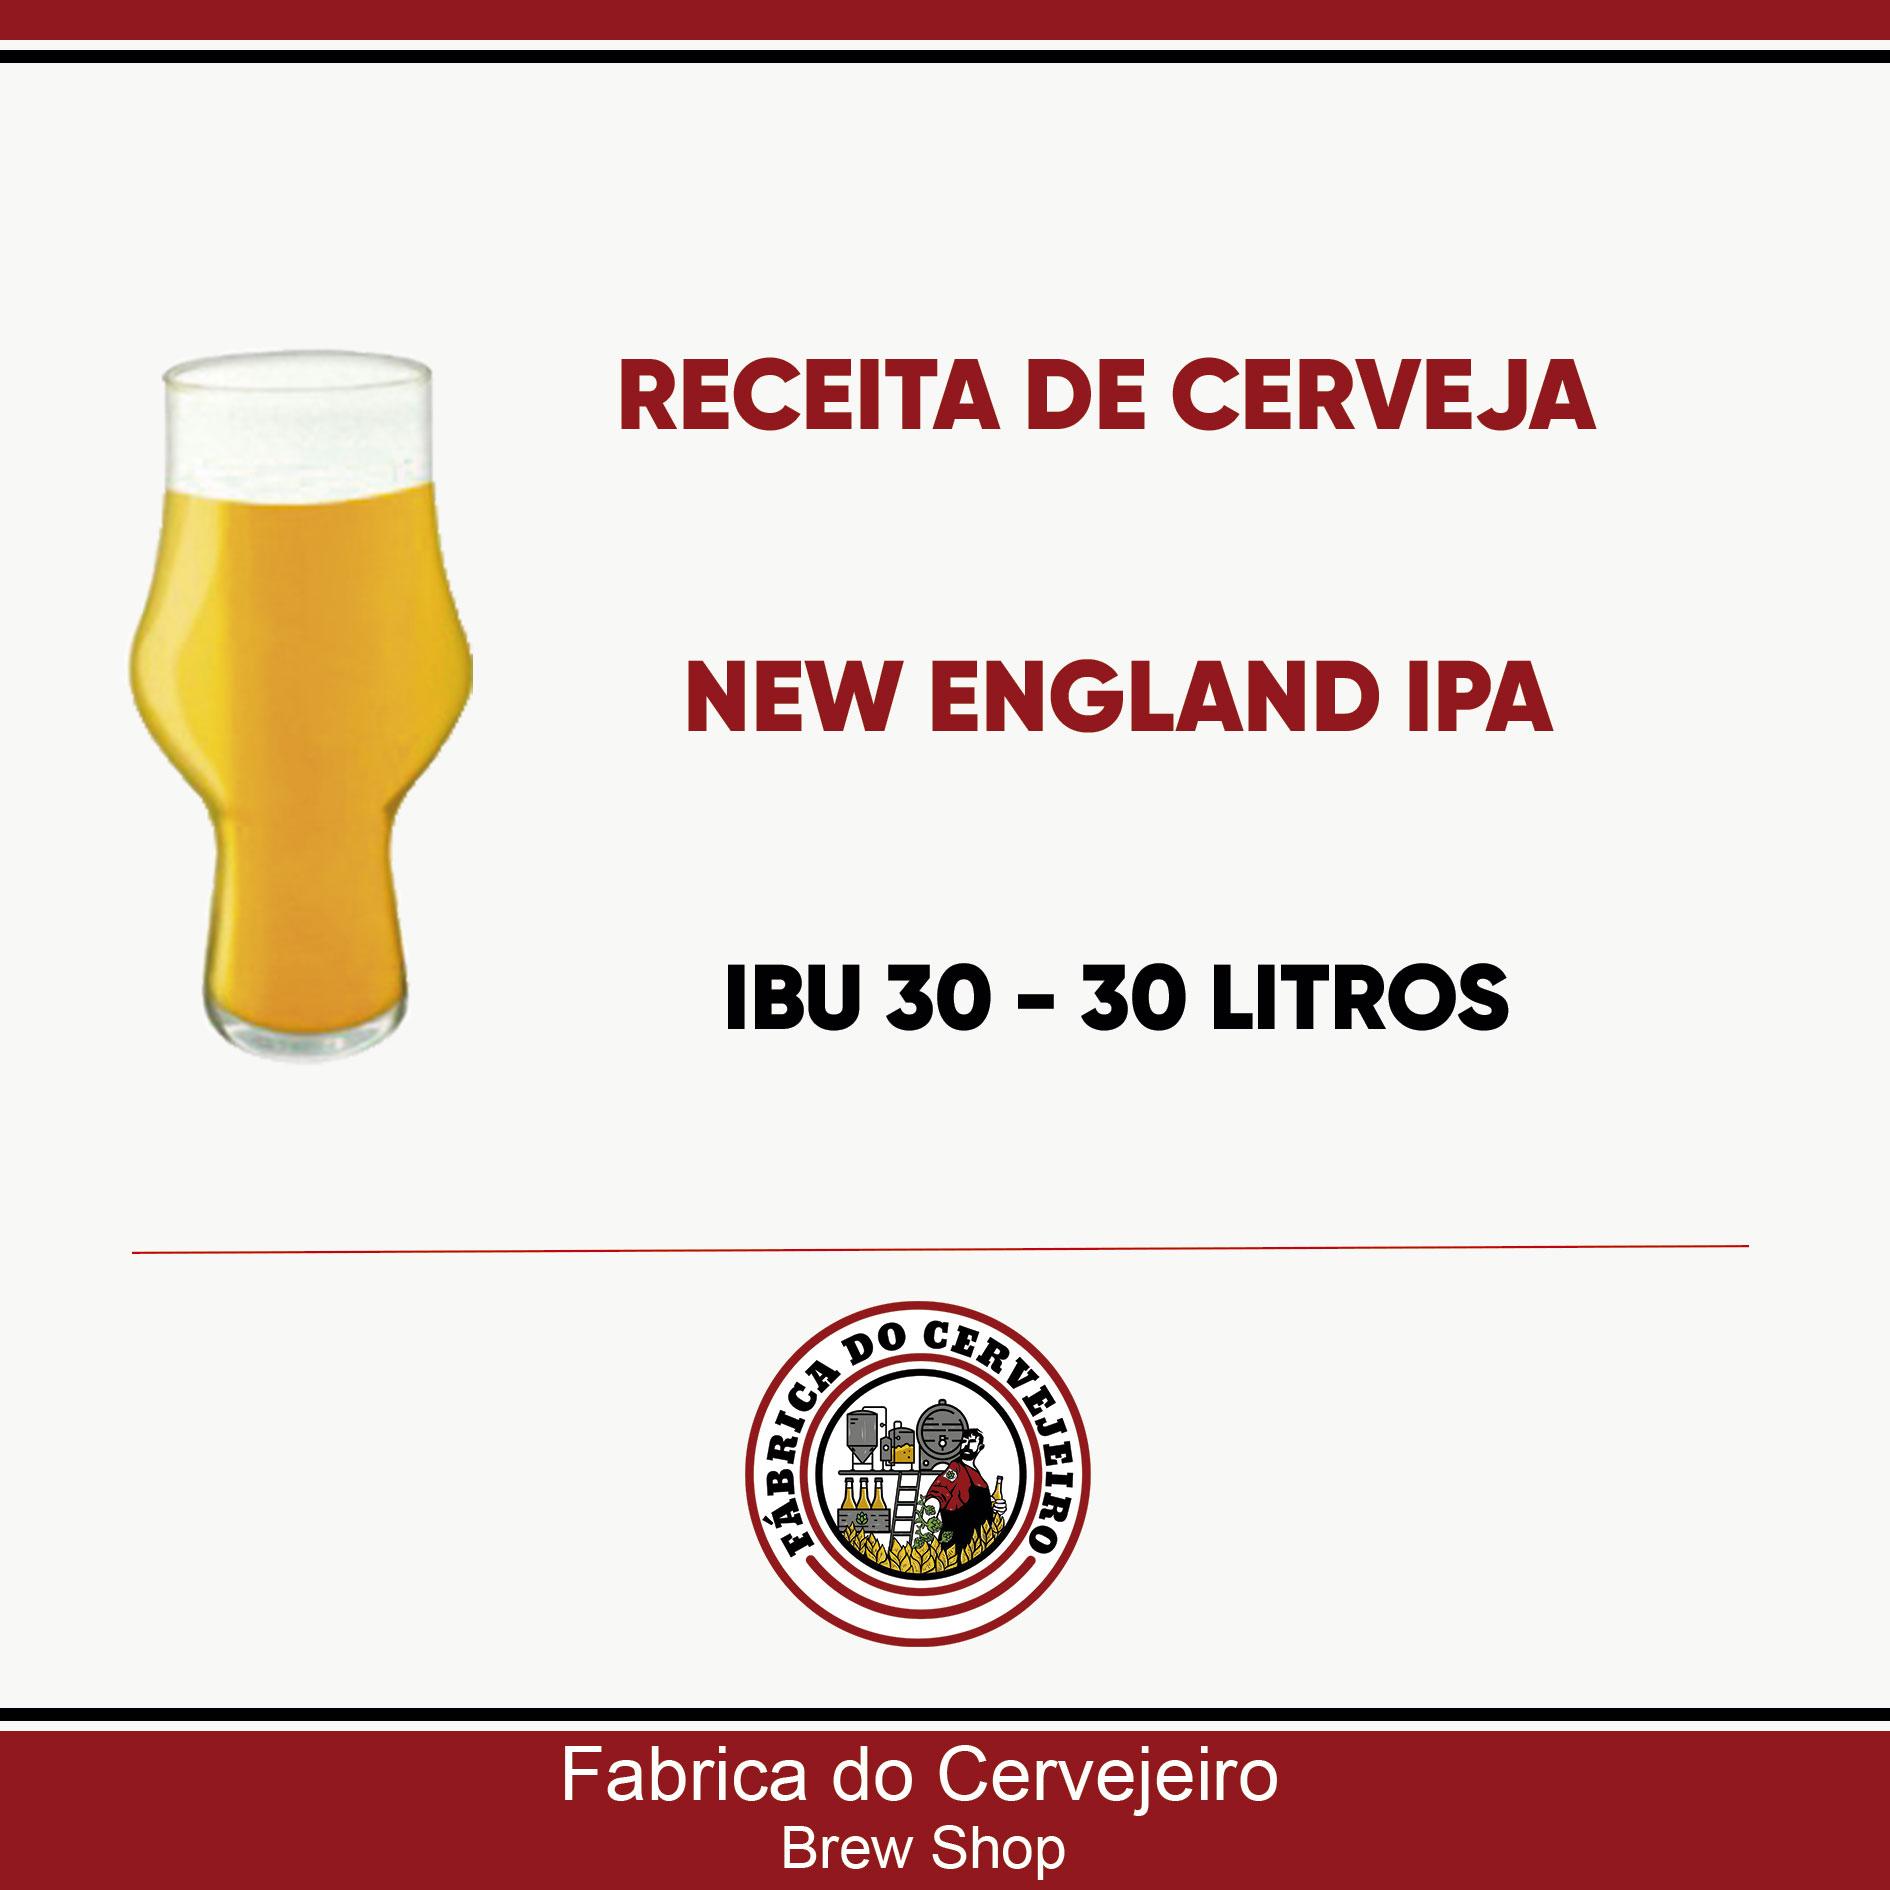 Receita de New England IPA 30 Litros